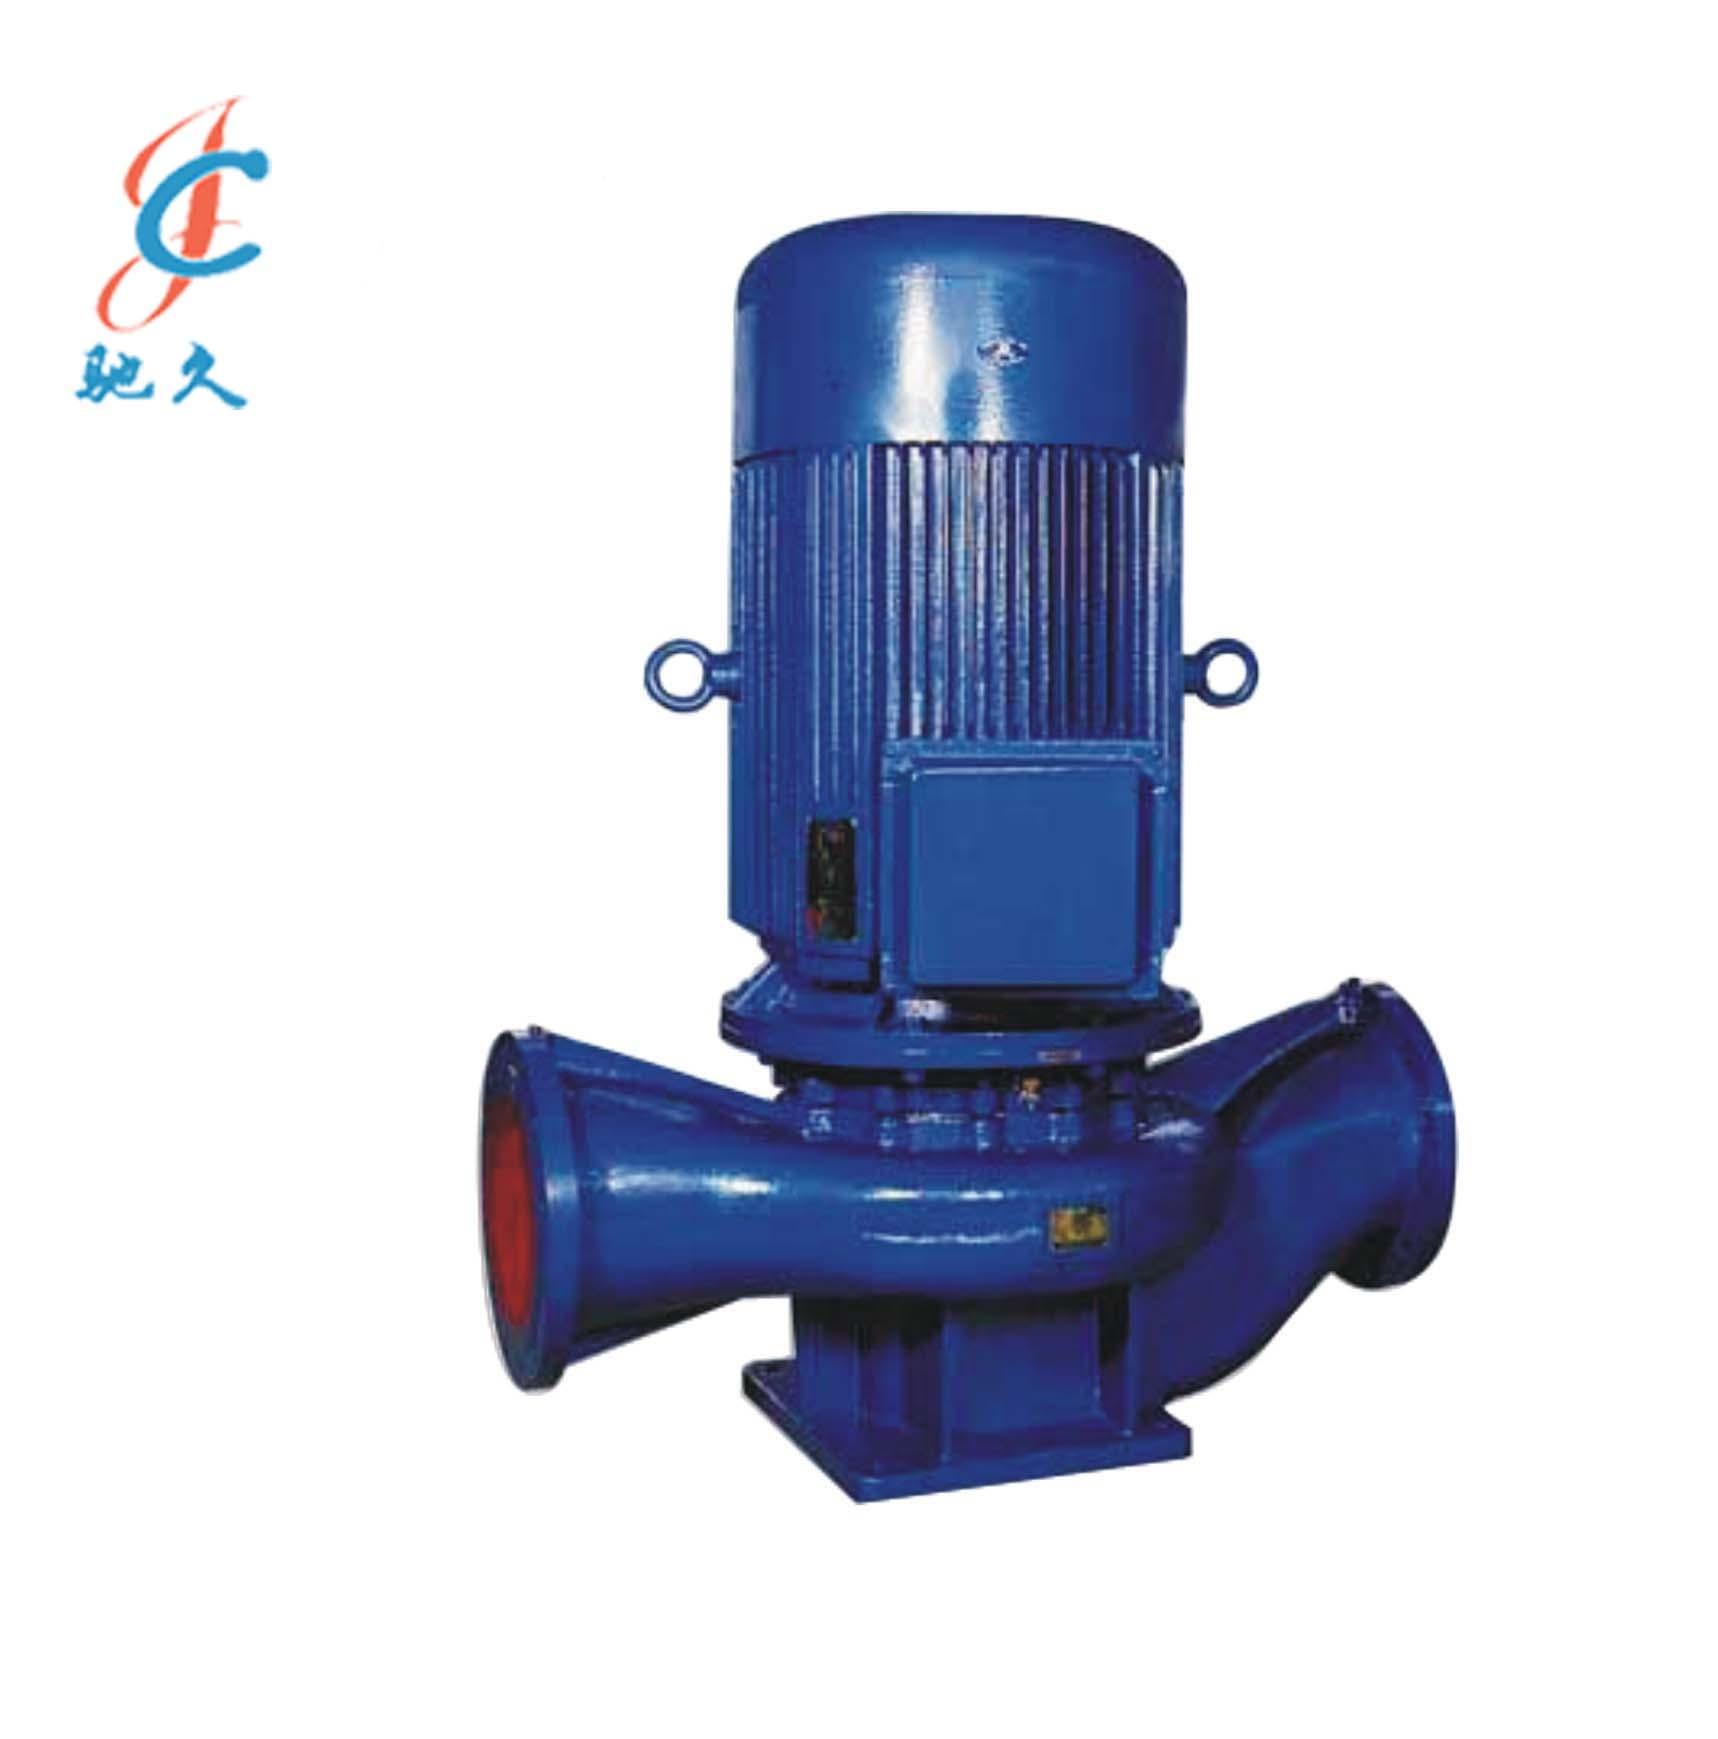 供应irg立式热水管道循环水泵